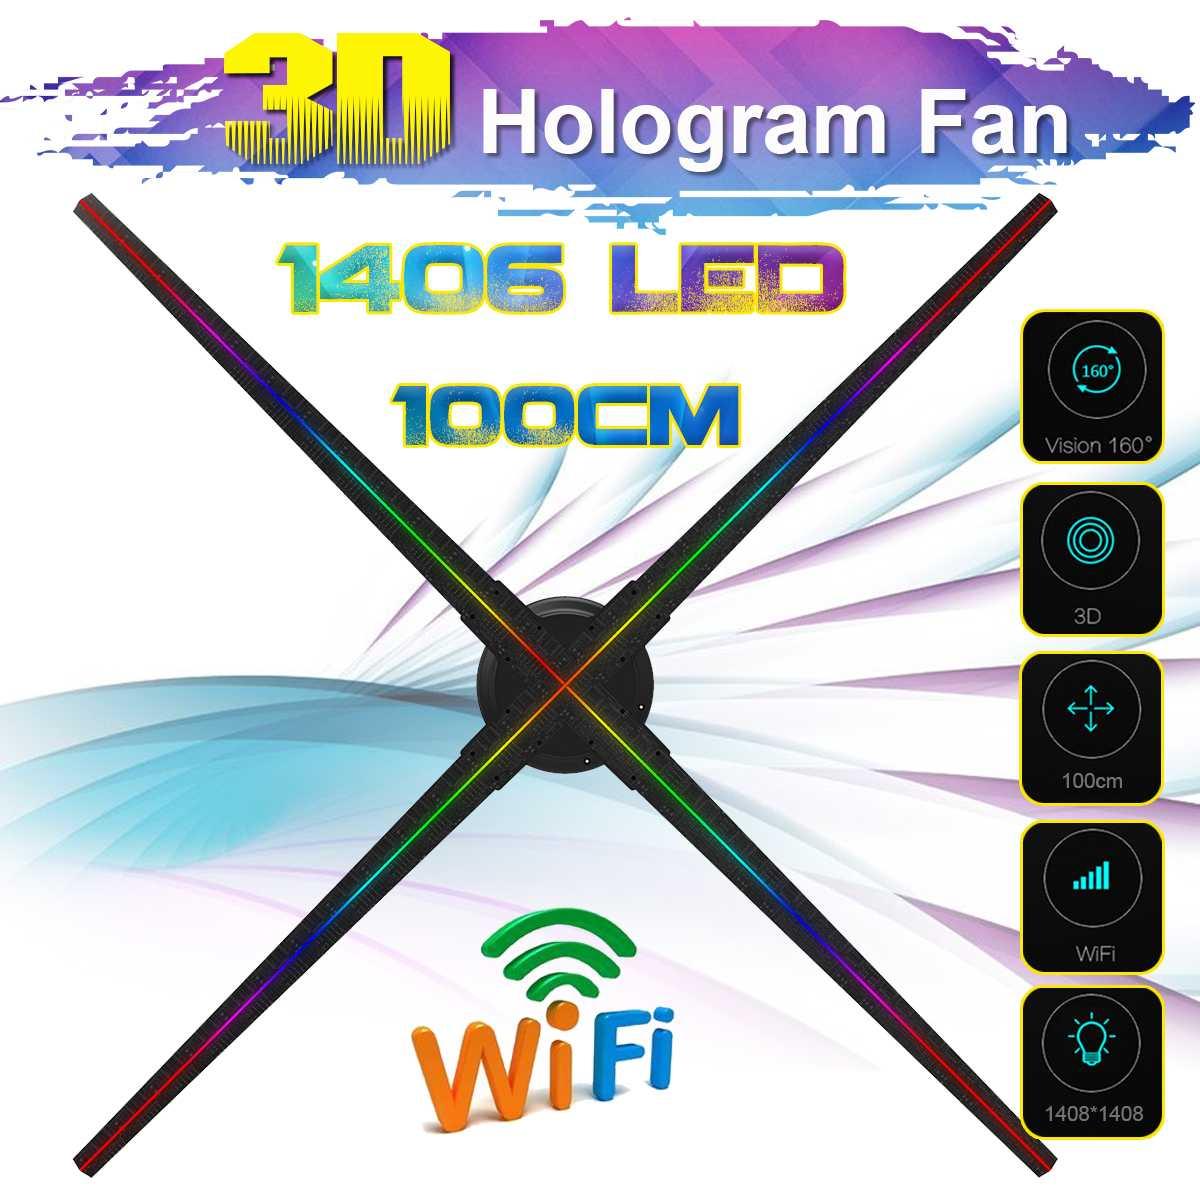 アップグレード 100 センチメートル Wifi 3D ホログラフィックプロジェクターホログラムプレーヤー Led ディスプレイファン広告光の App 制御バッテリー屋外